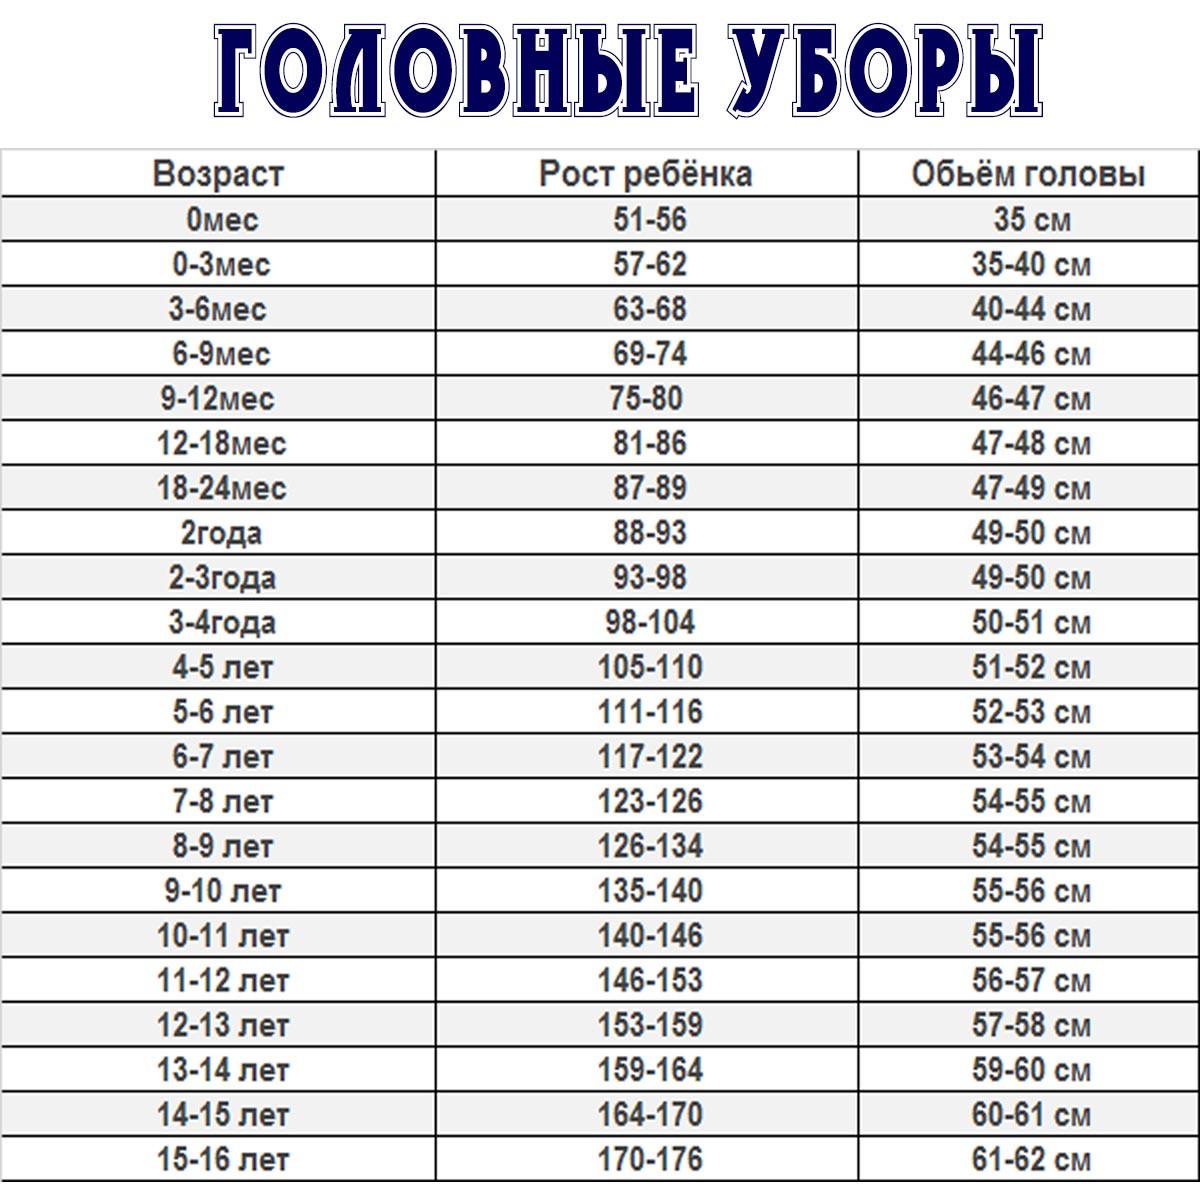 Размеры одежды для новорожденных по месяцам: таблицы российских и европейских размерных систем